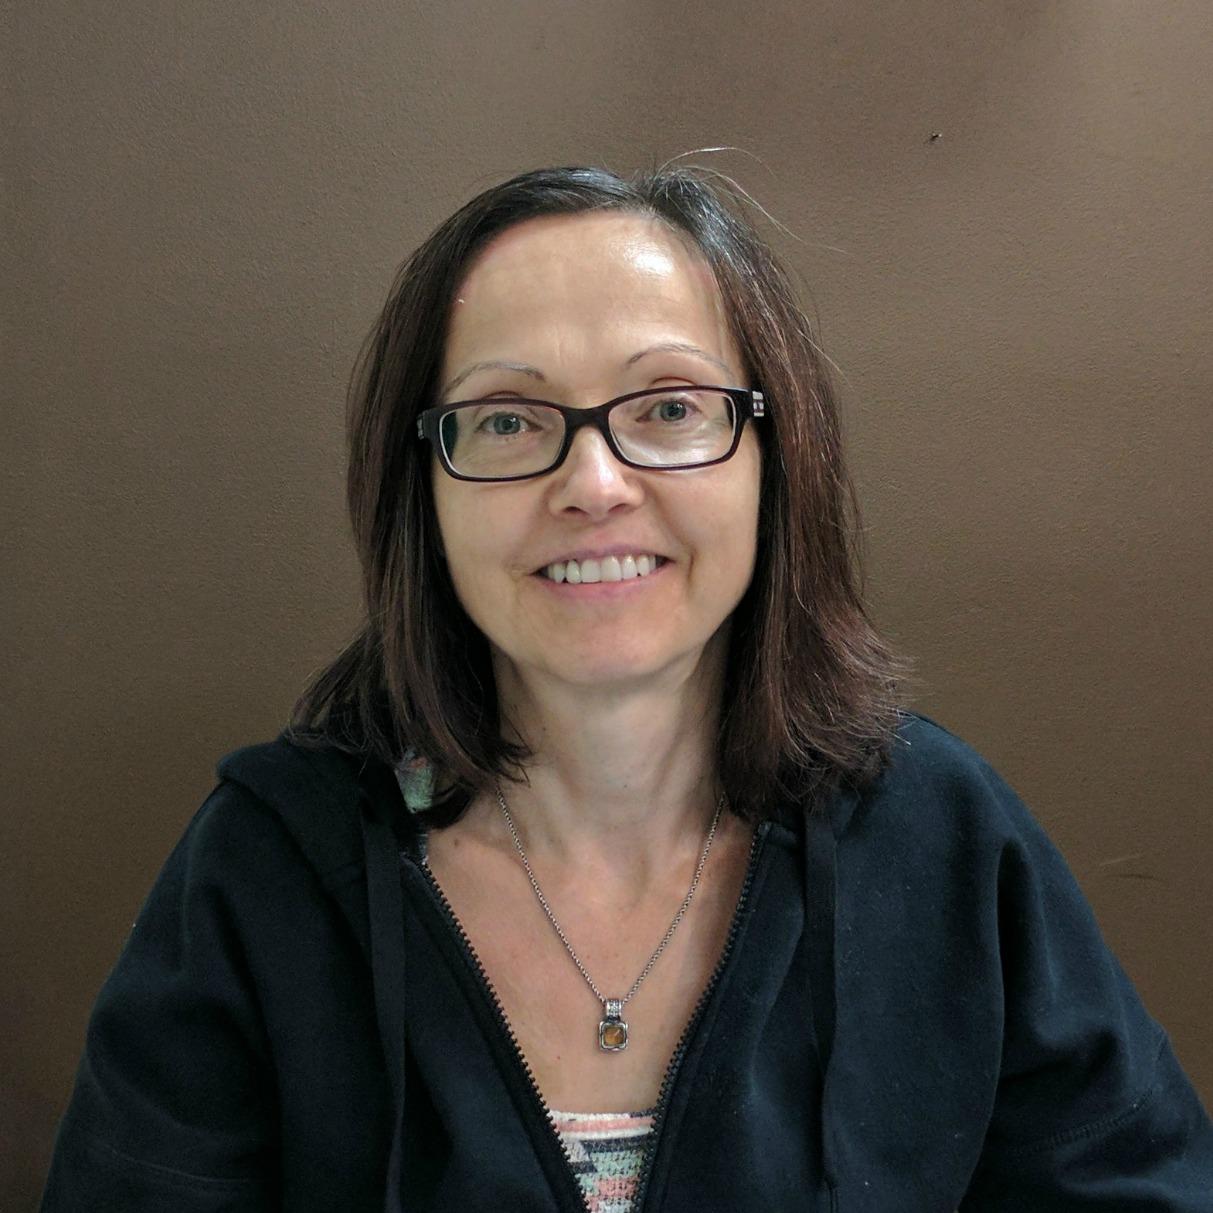 Darlene Kusick